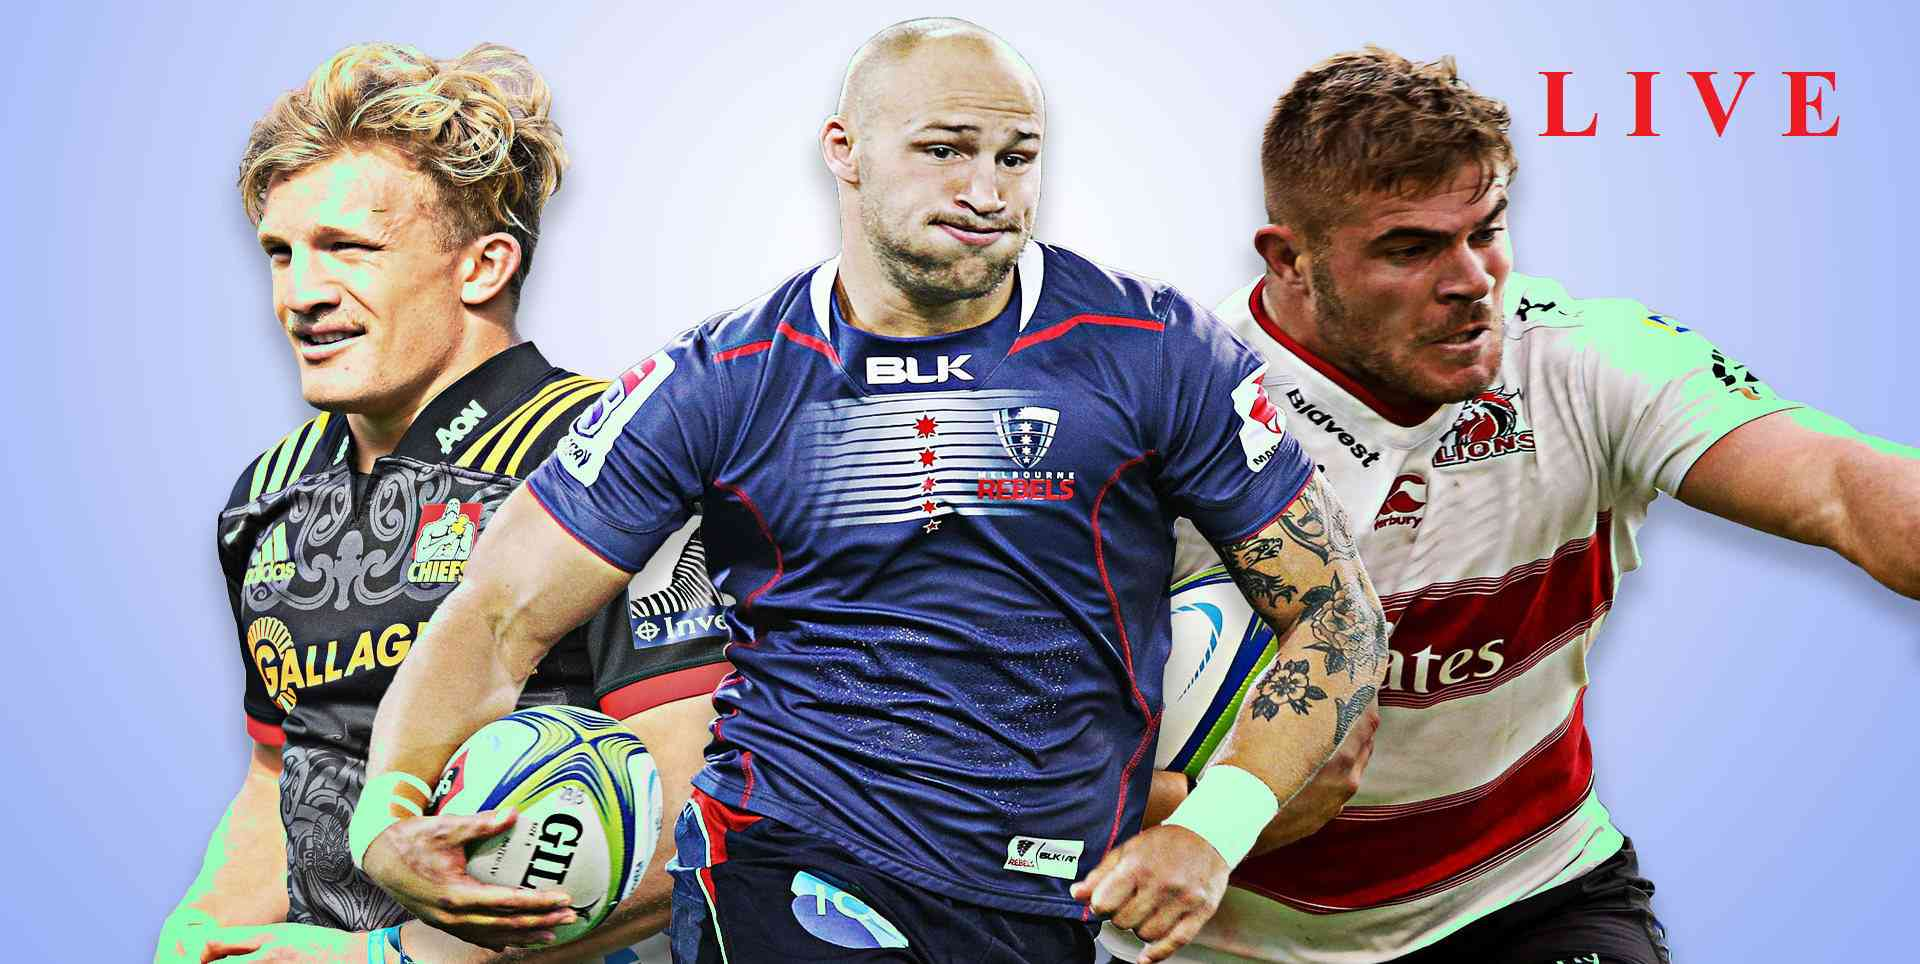 brumbies-vs-waratahs-rugby-live-online